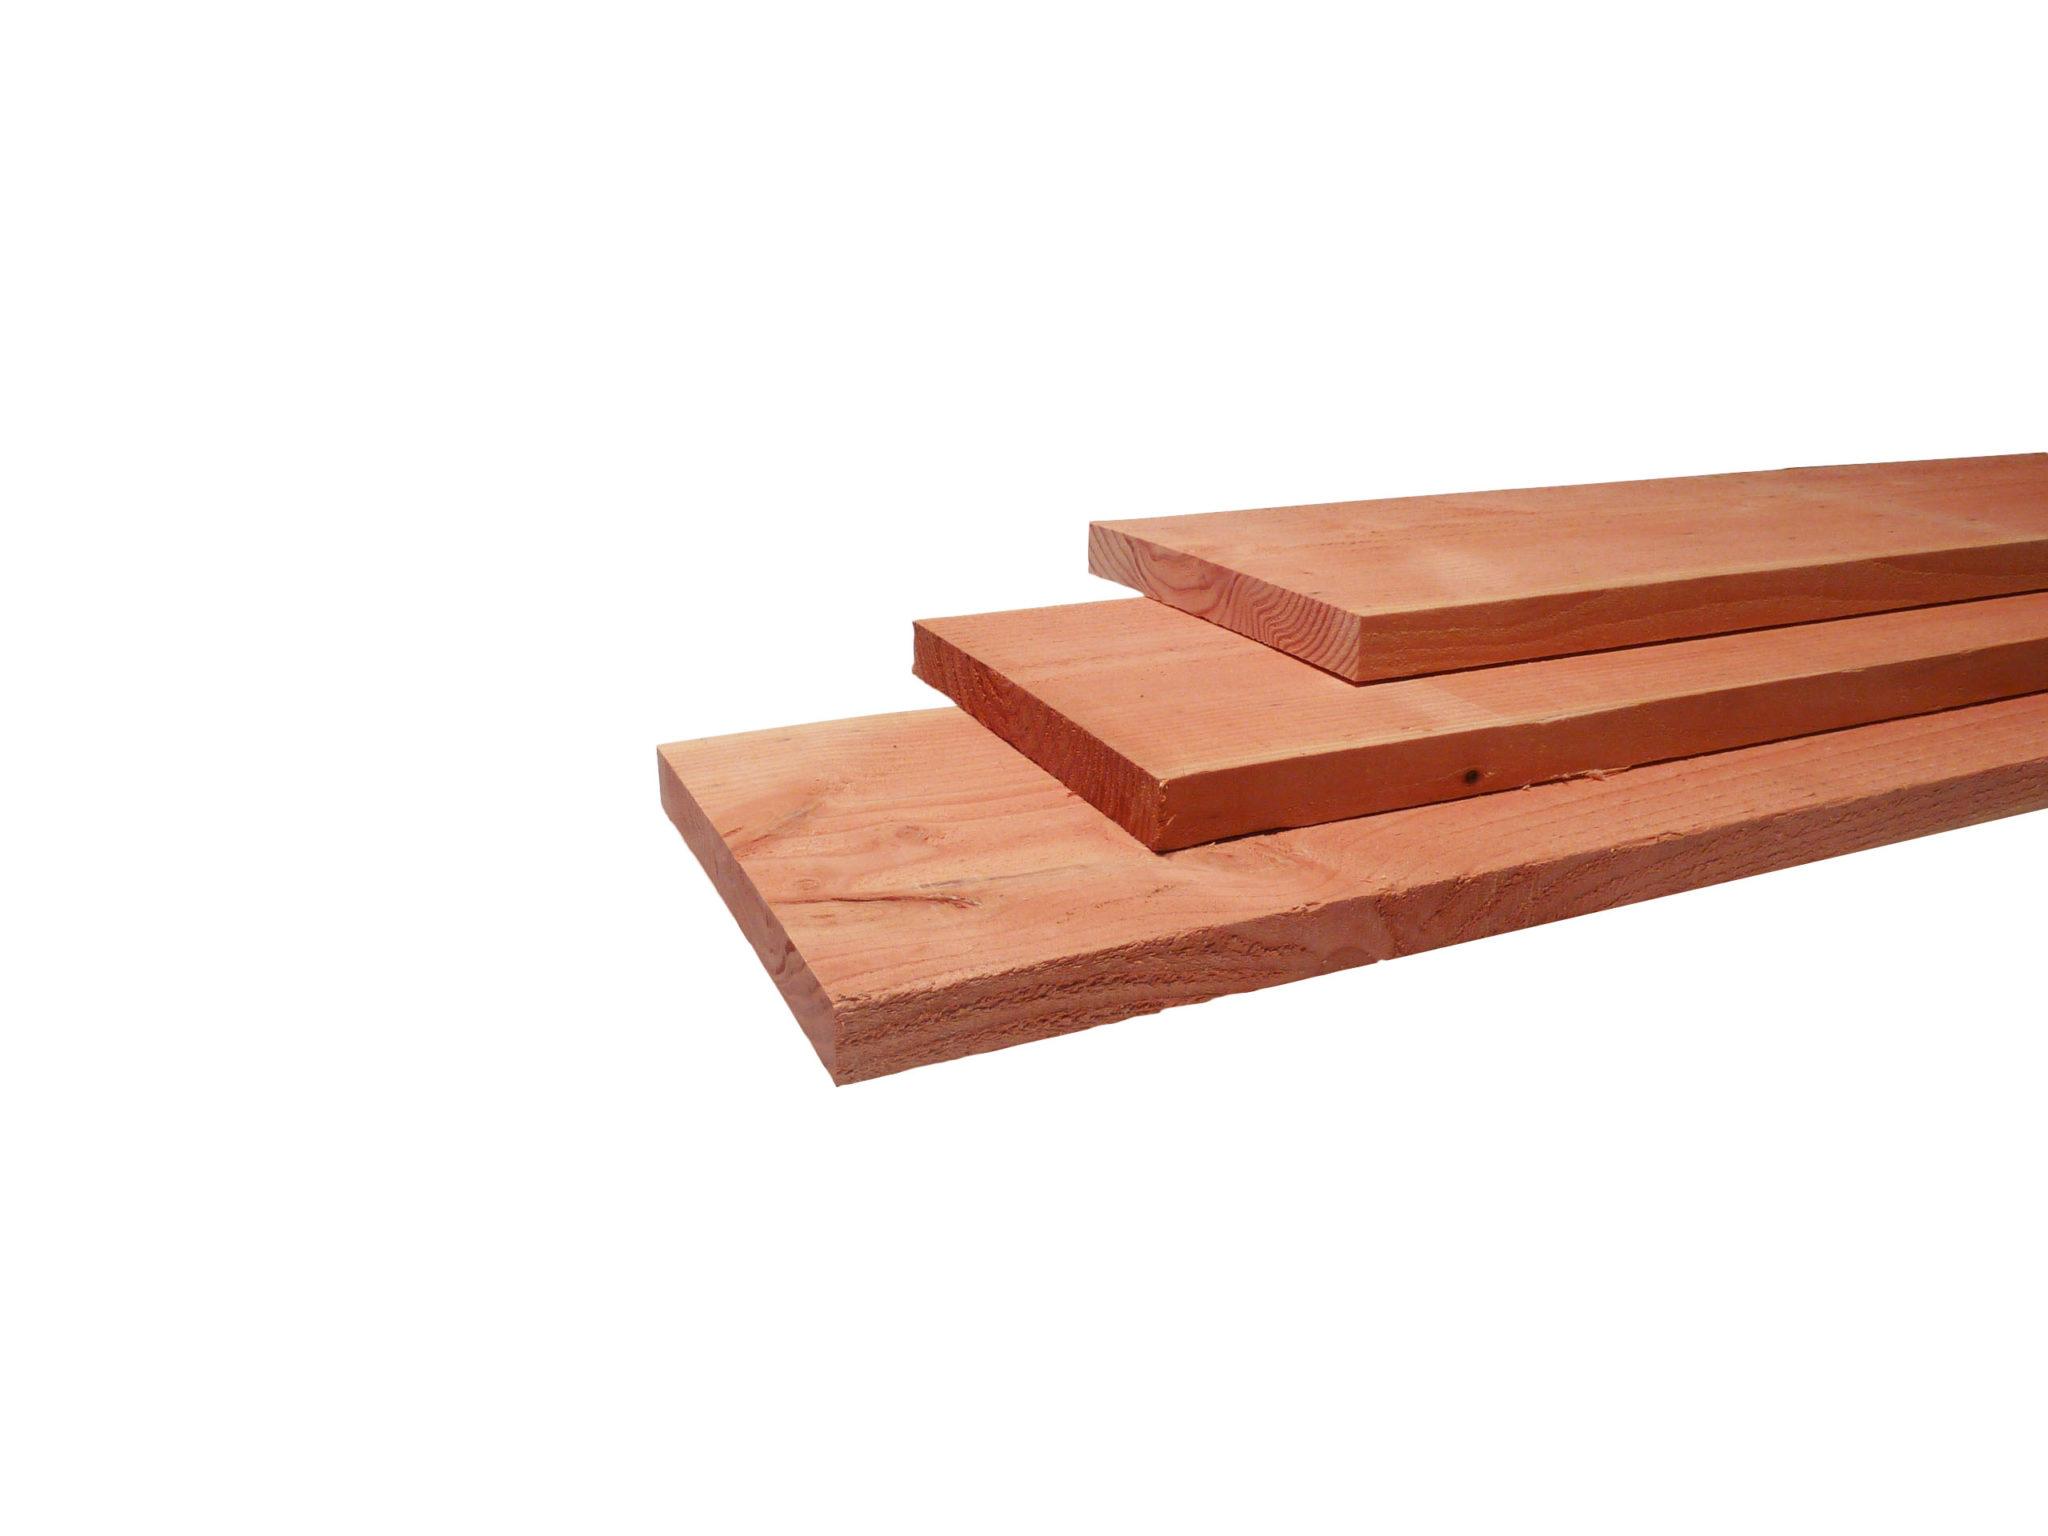 31995-Basic-fijnbezaagde-planken-douglas-tuintimmerhout